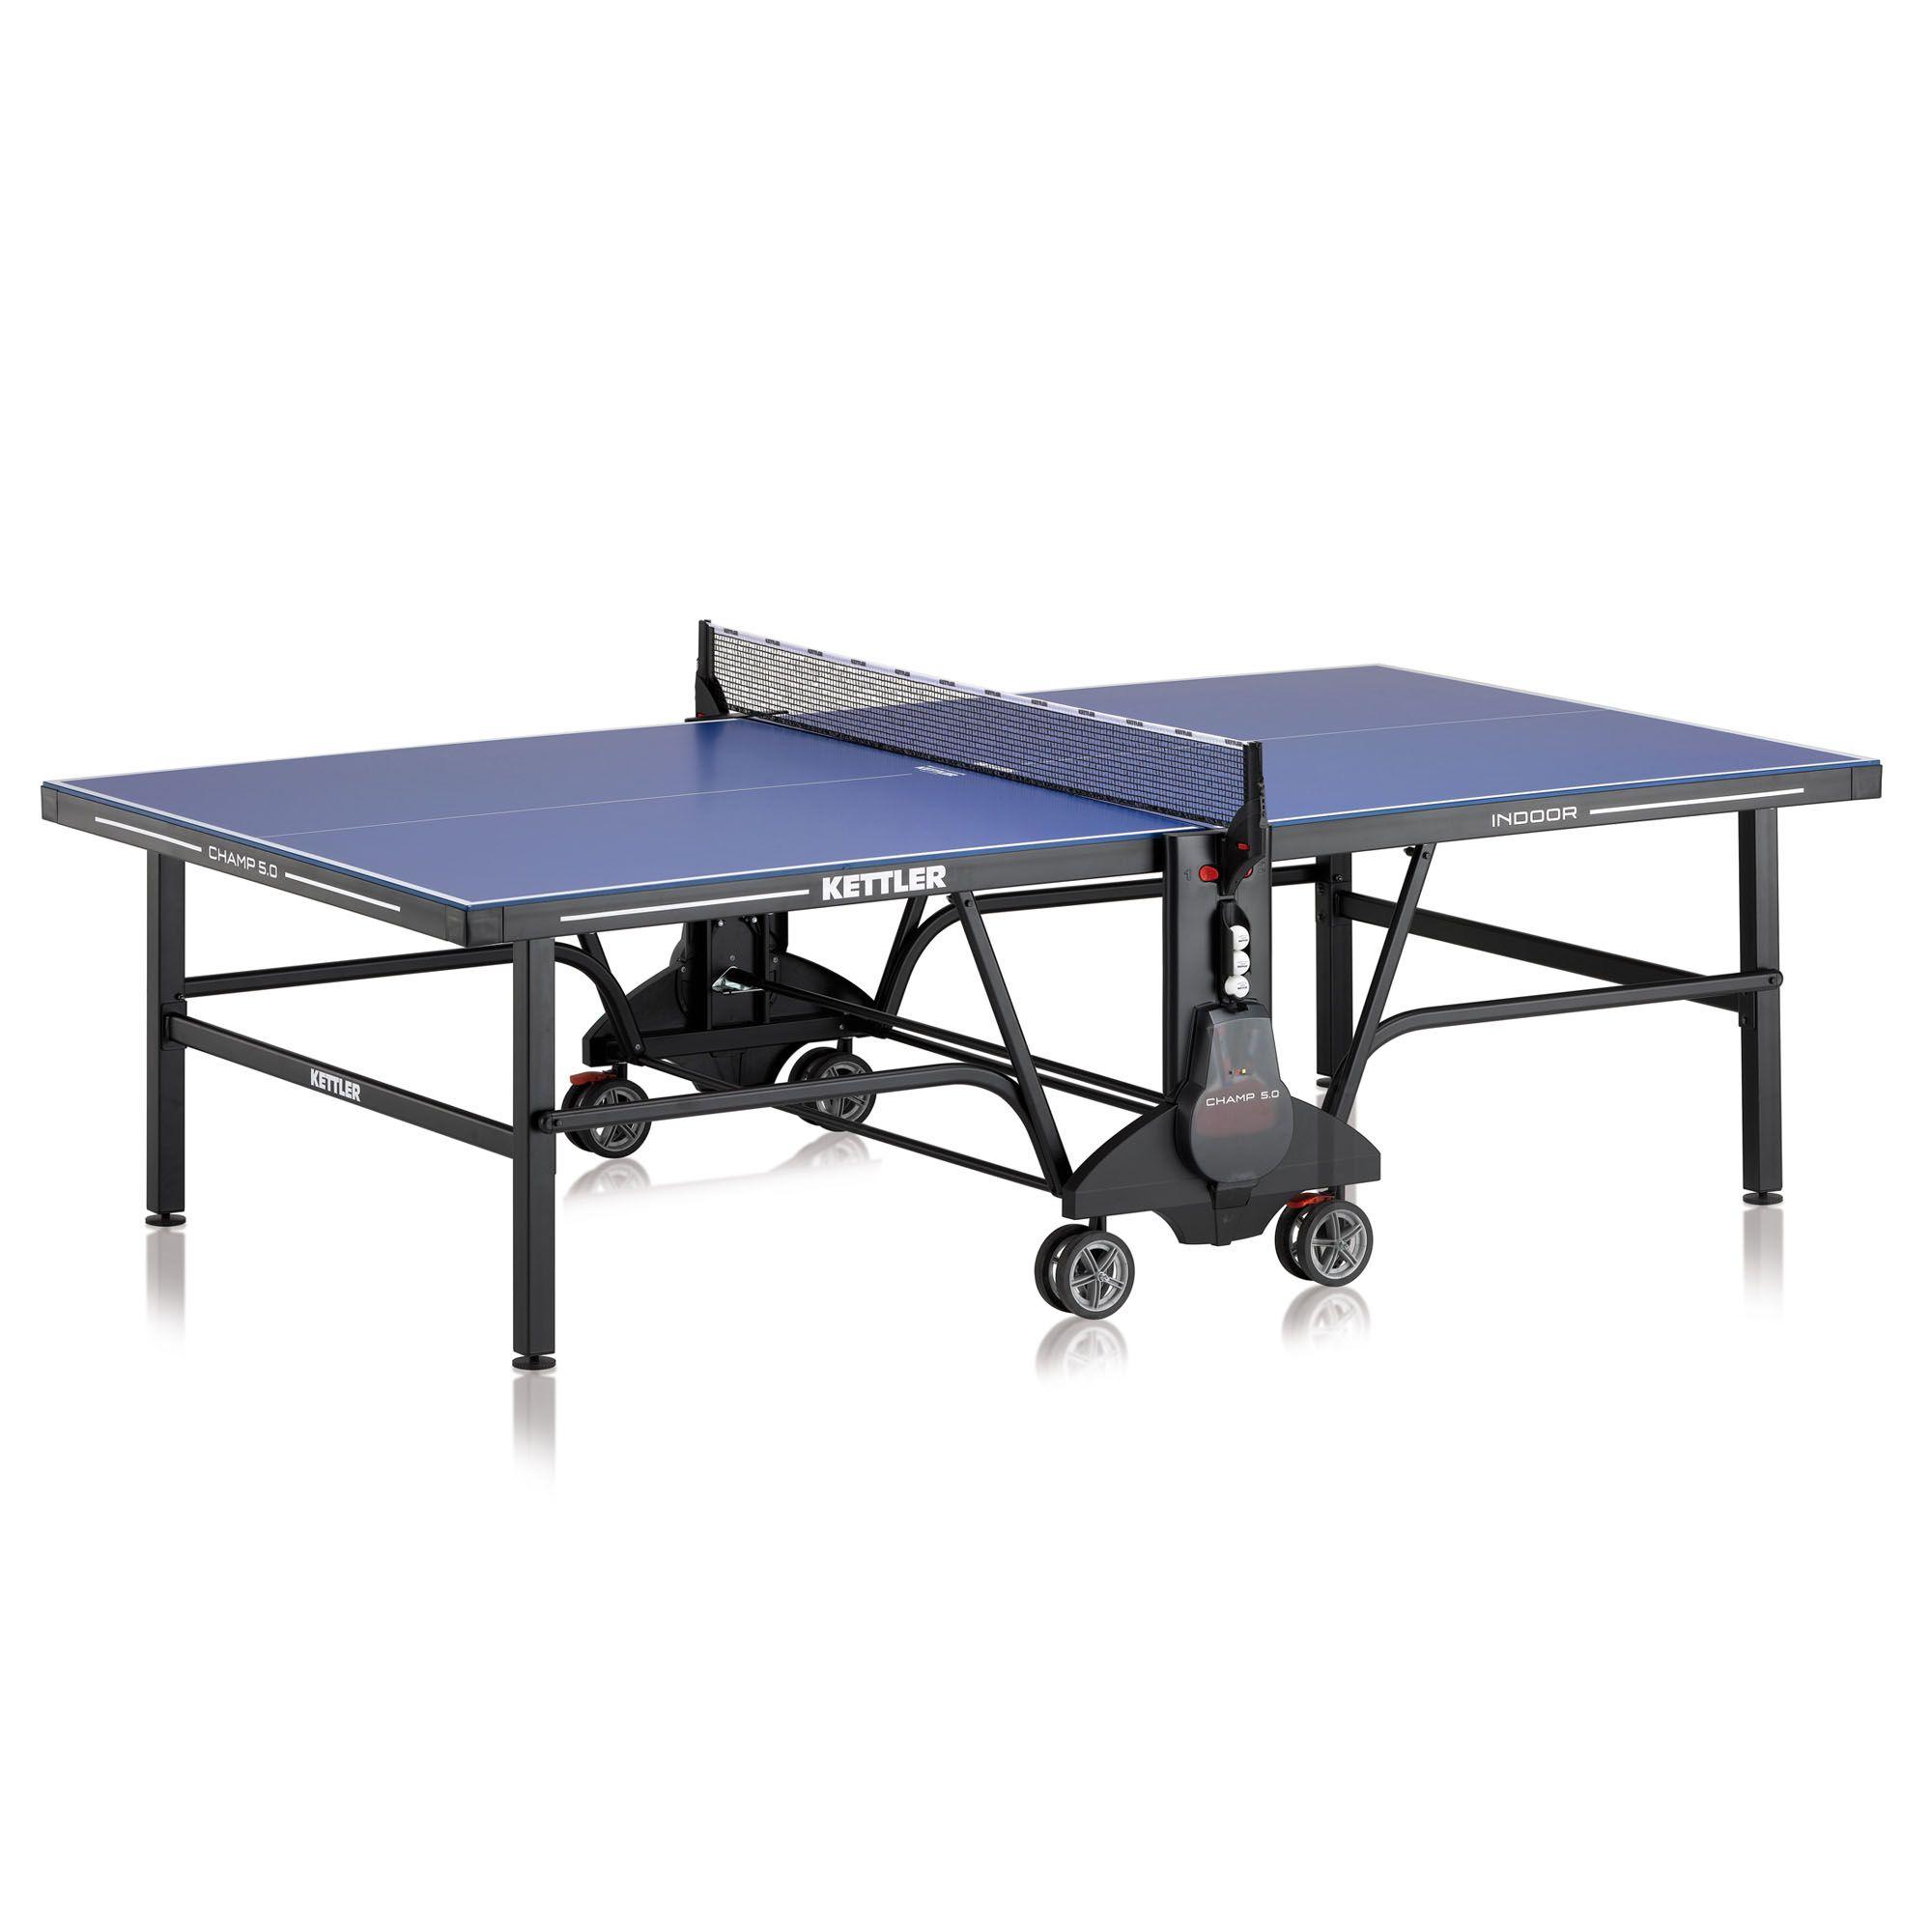 kettler champ 5 0 indoor table tennis table. Black Bedroom Furniture Sets. Home Design Ideas